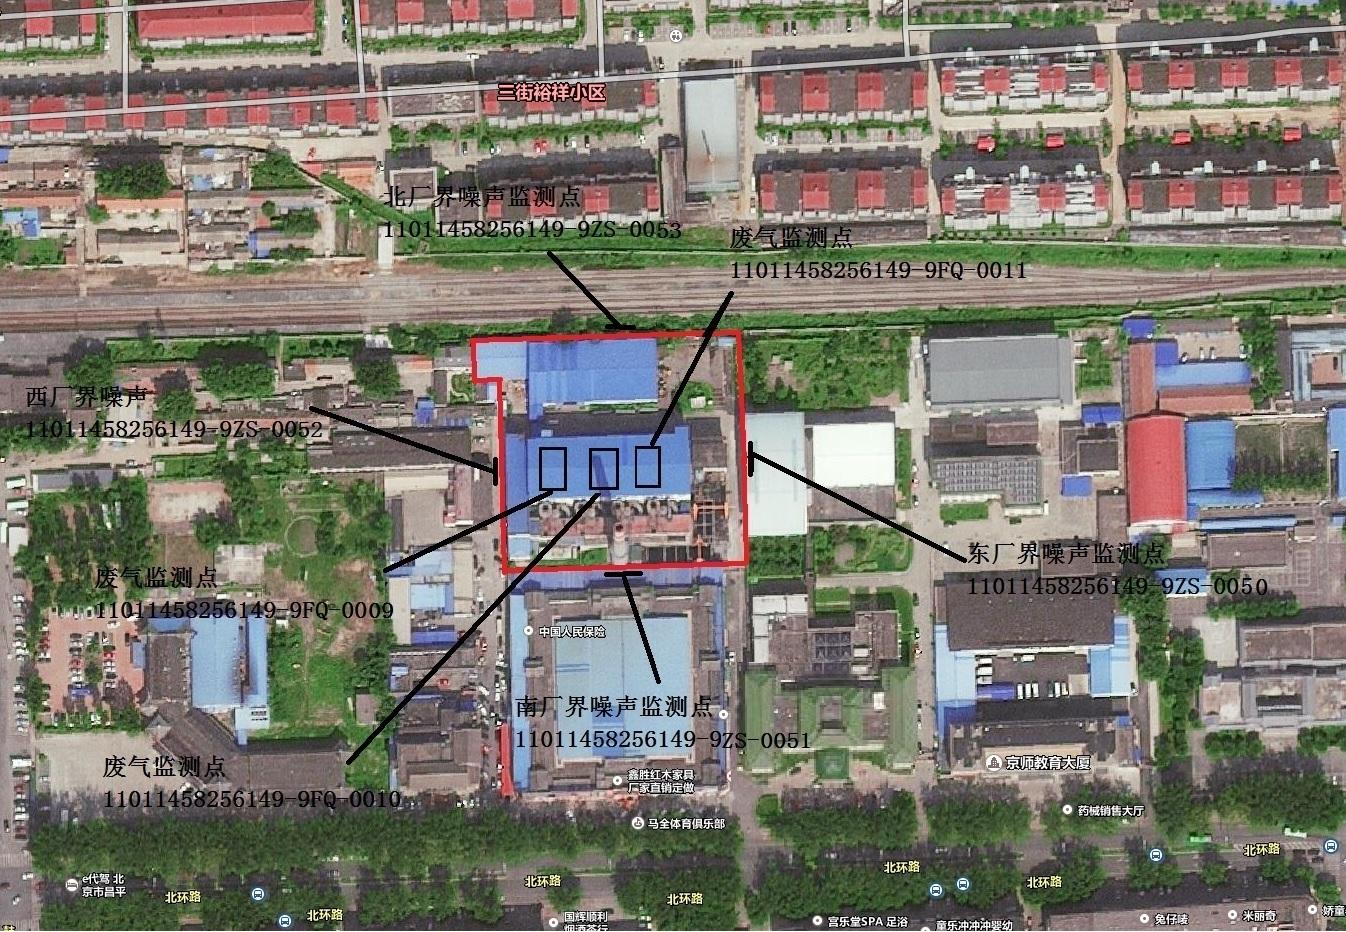 北环供热厂监测点位置示意图